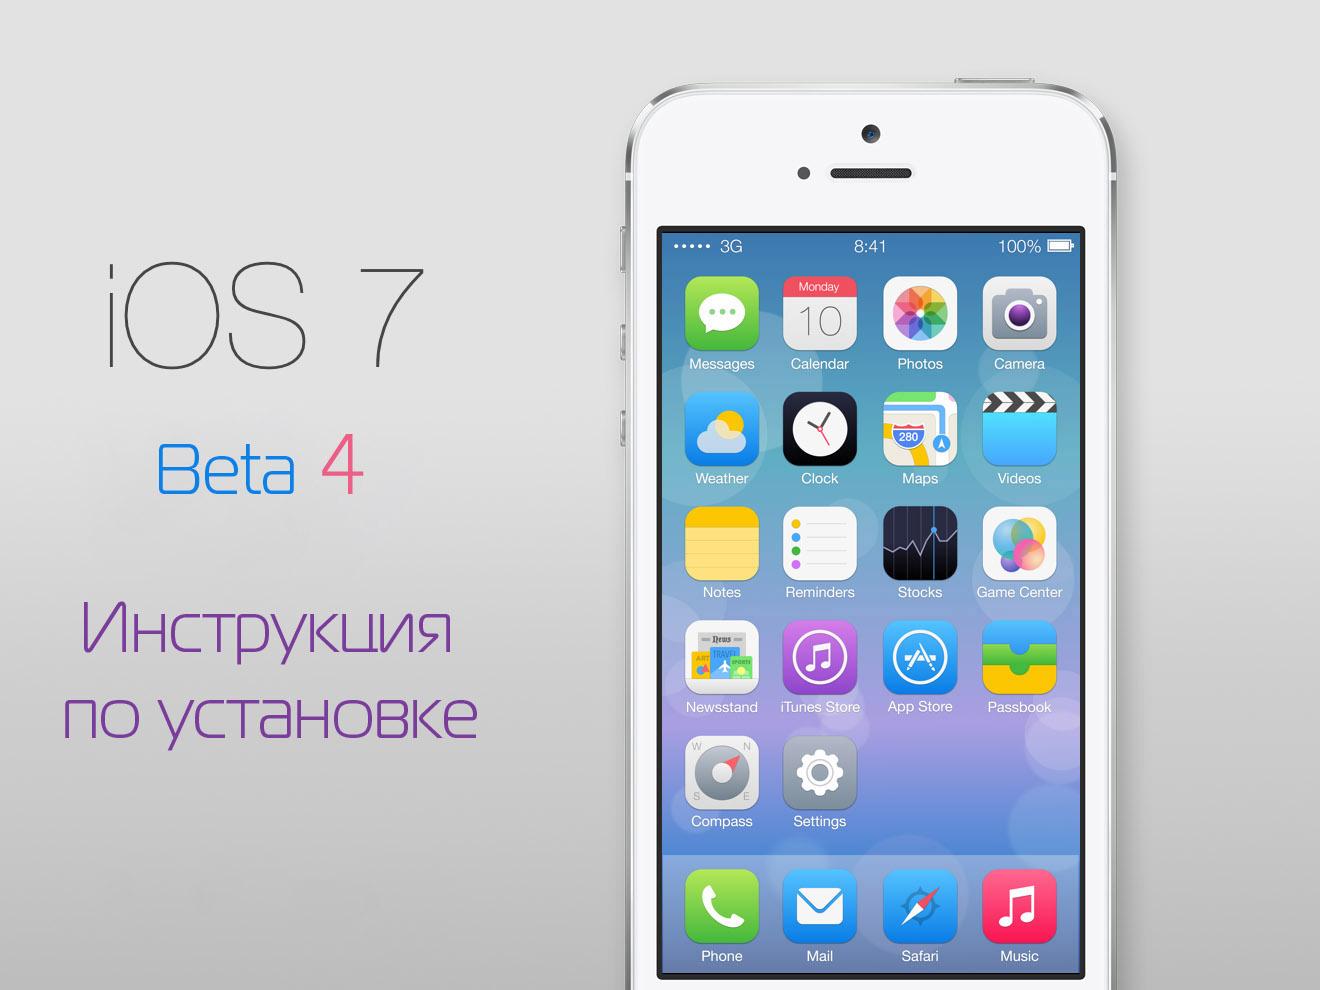 kak_ustanovit_ios7_beta4